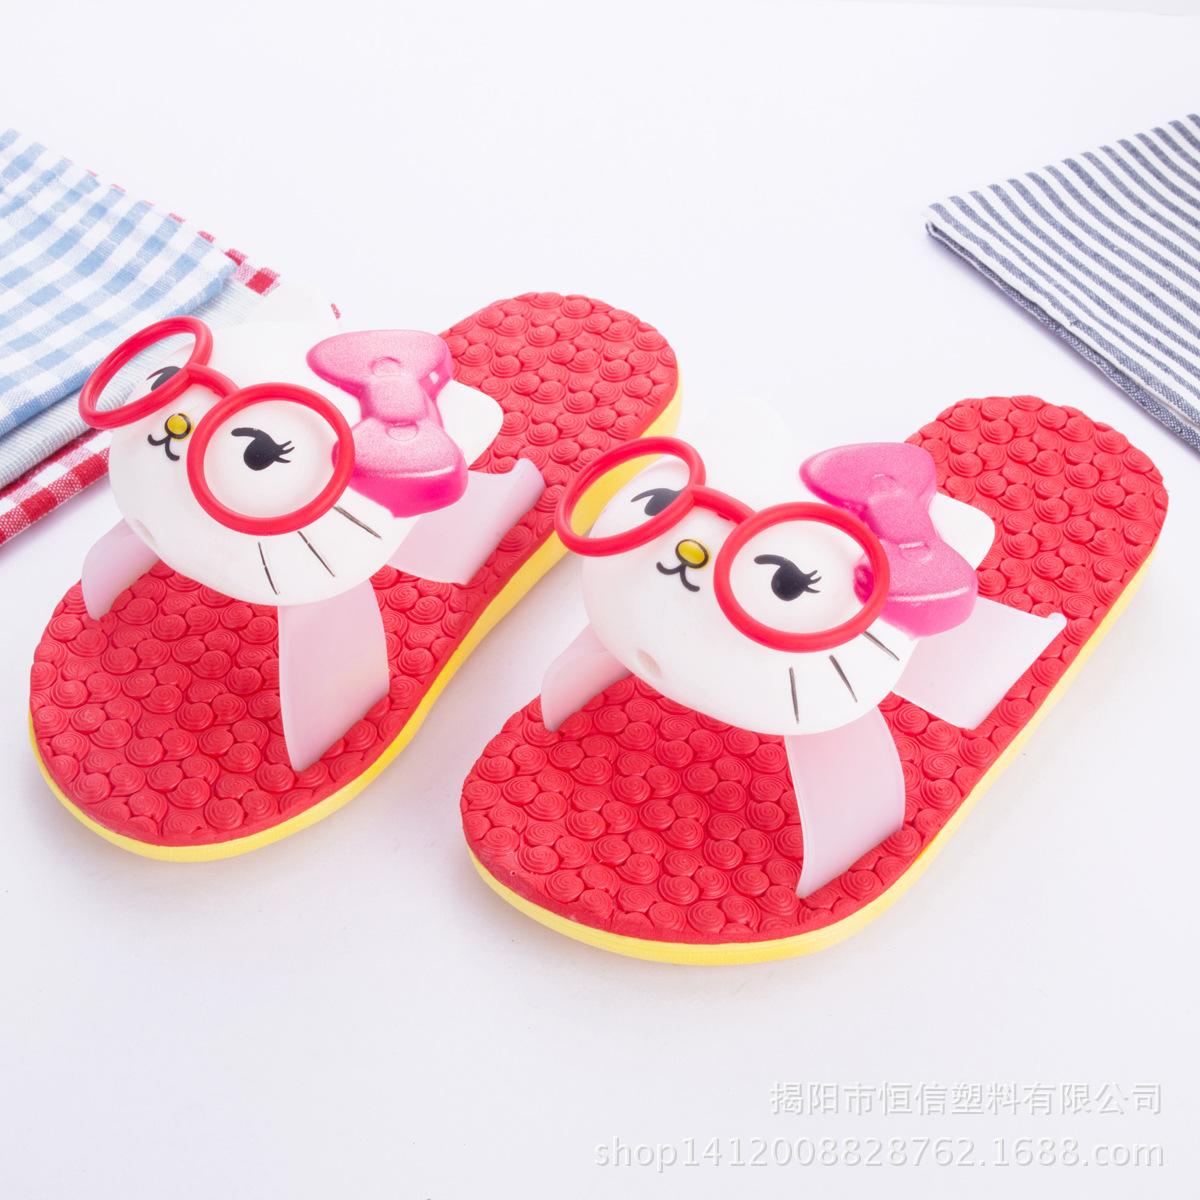 儿童凉拖鞋批发防滑可爱卡通女童木地板软底宝宝拖鞋